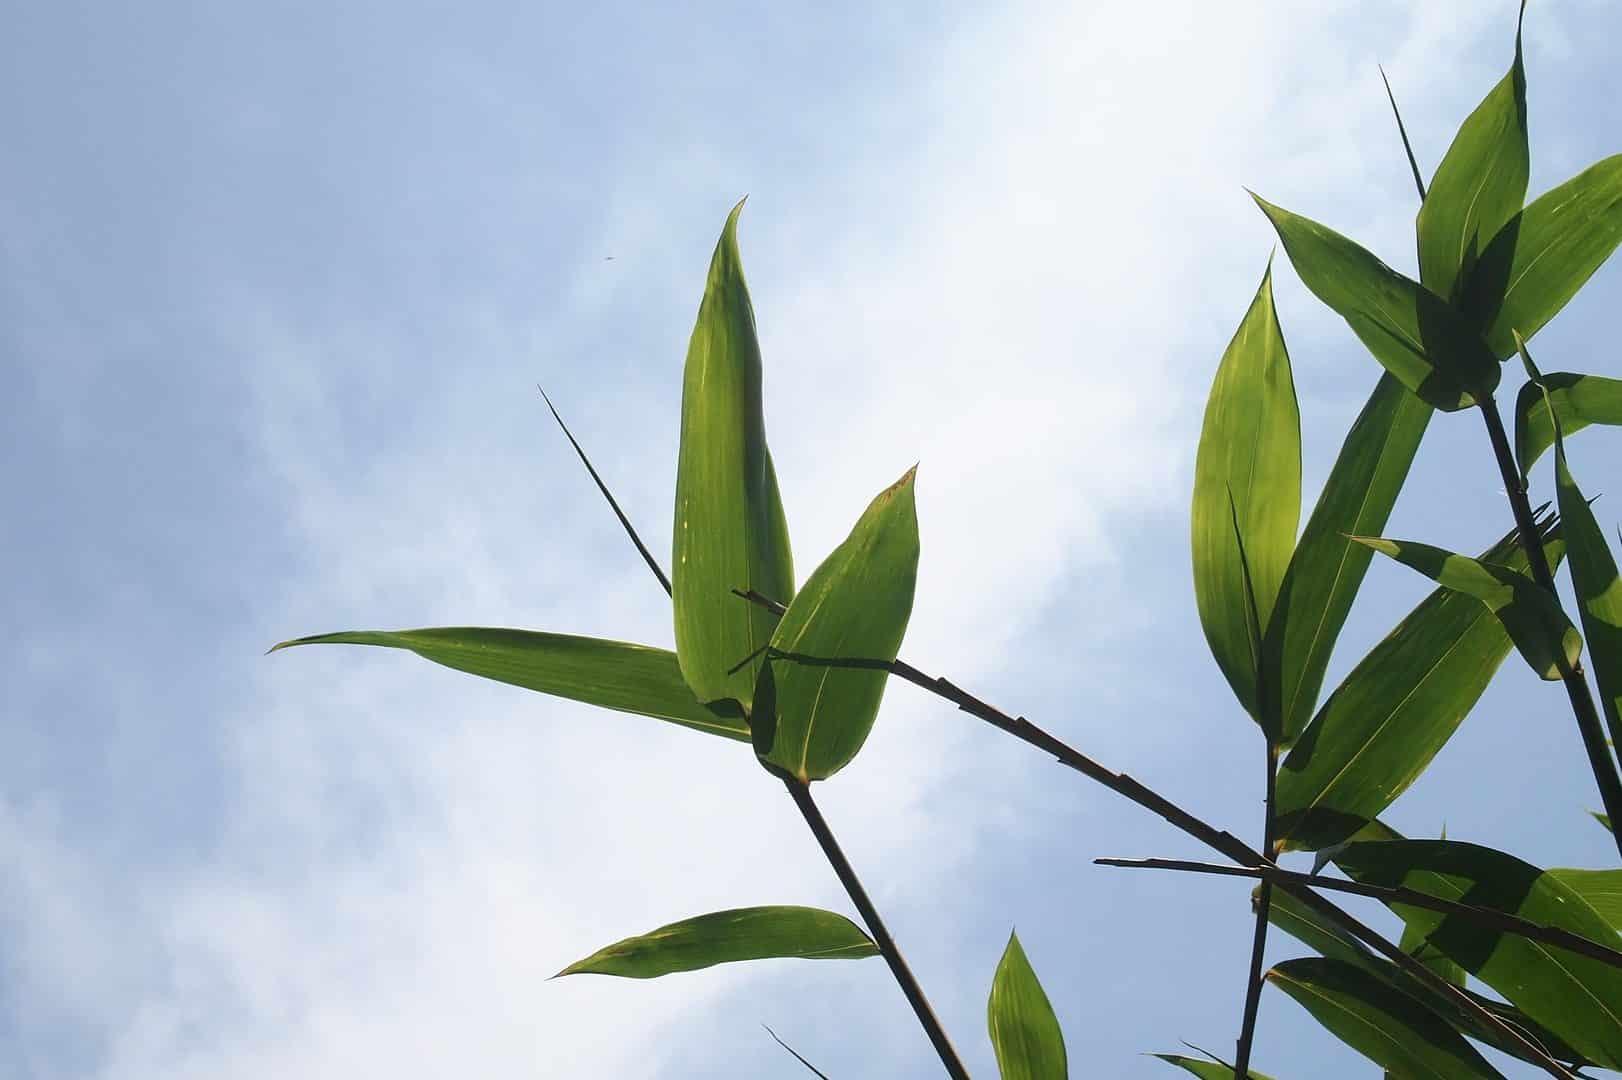 Comment Faire Pousser Bambou absorption de co2 - bambou en france